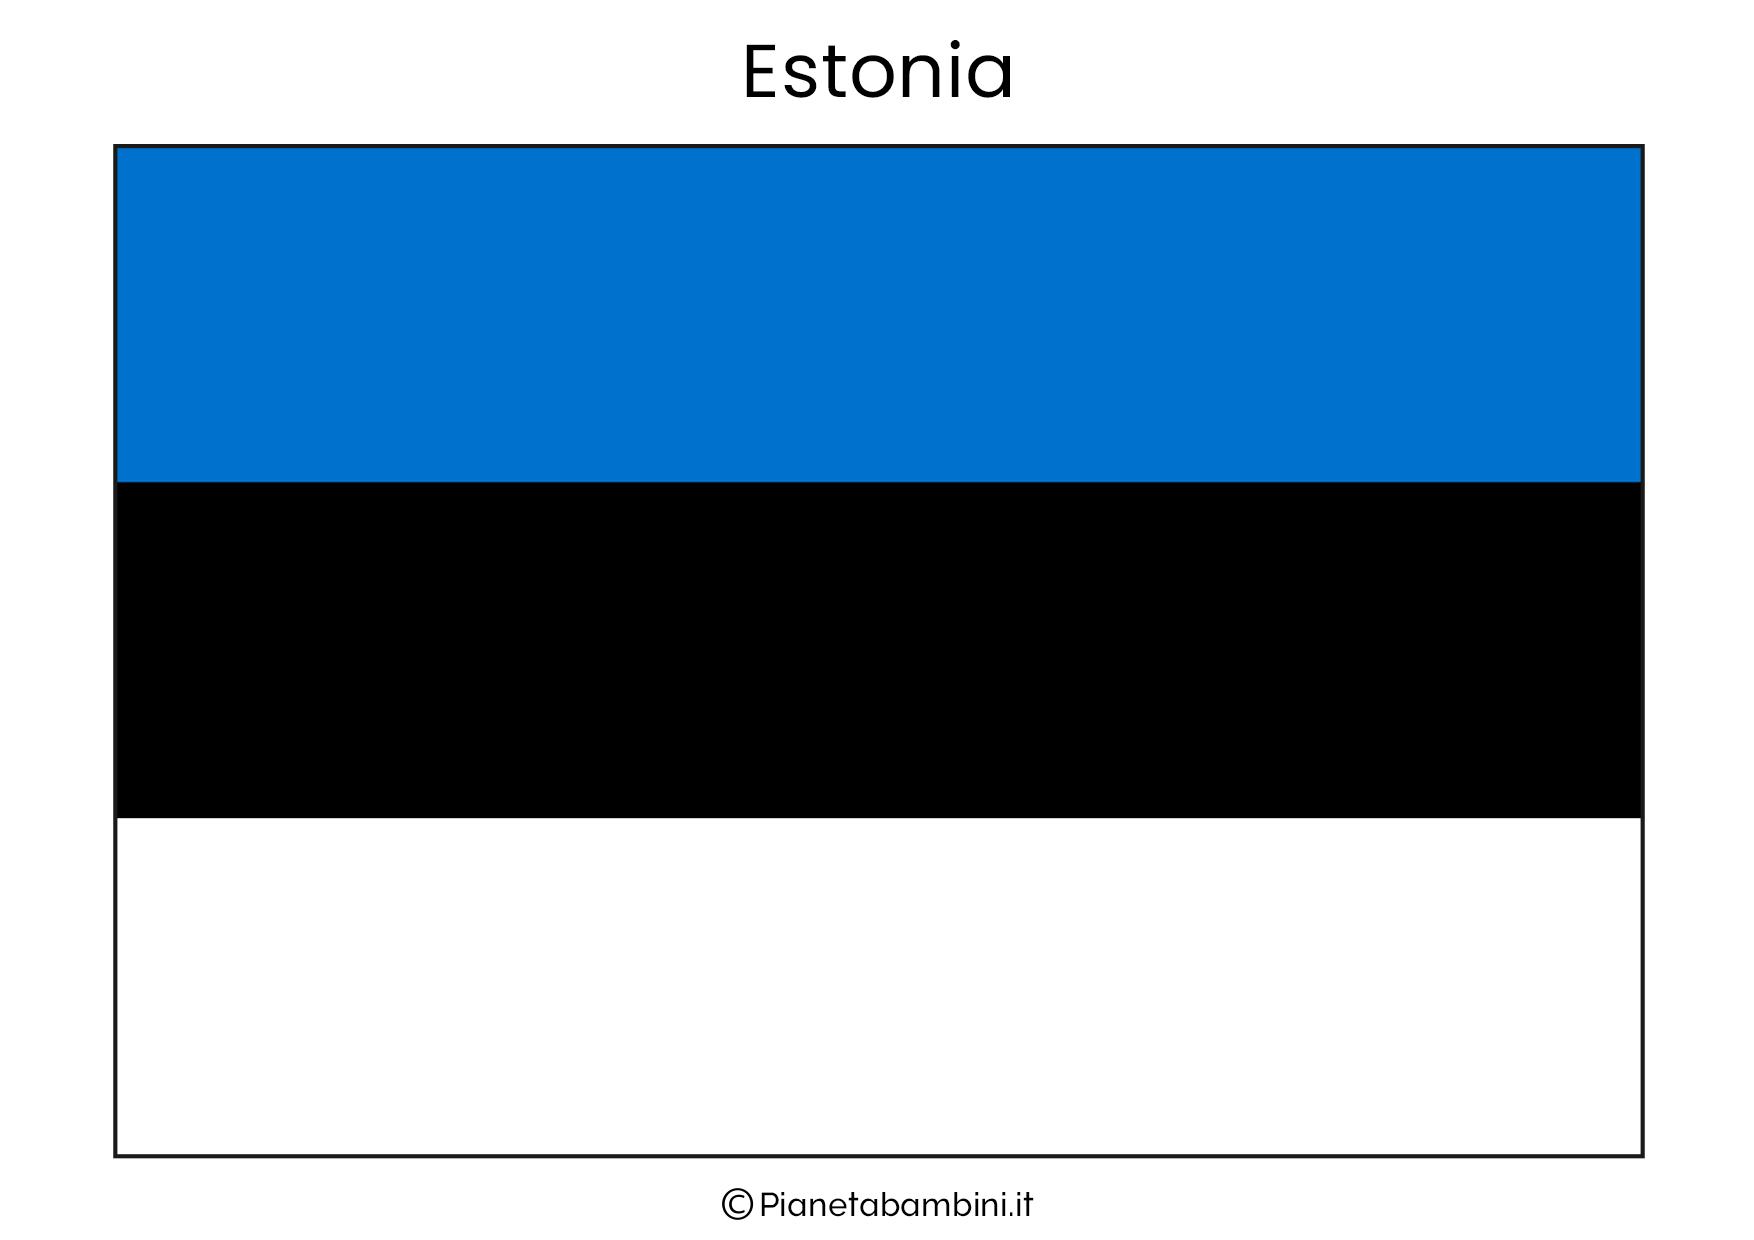 Bandiera dell'Estonia da stampare